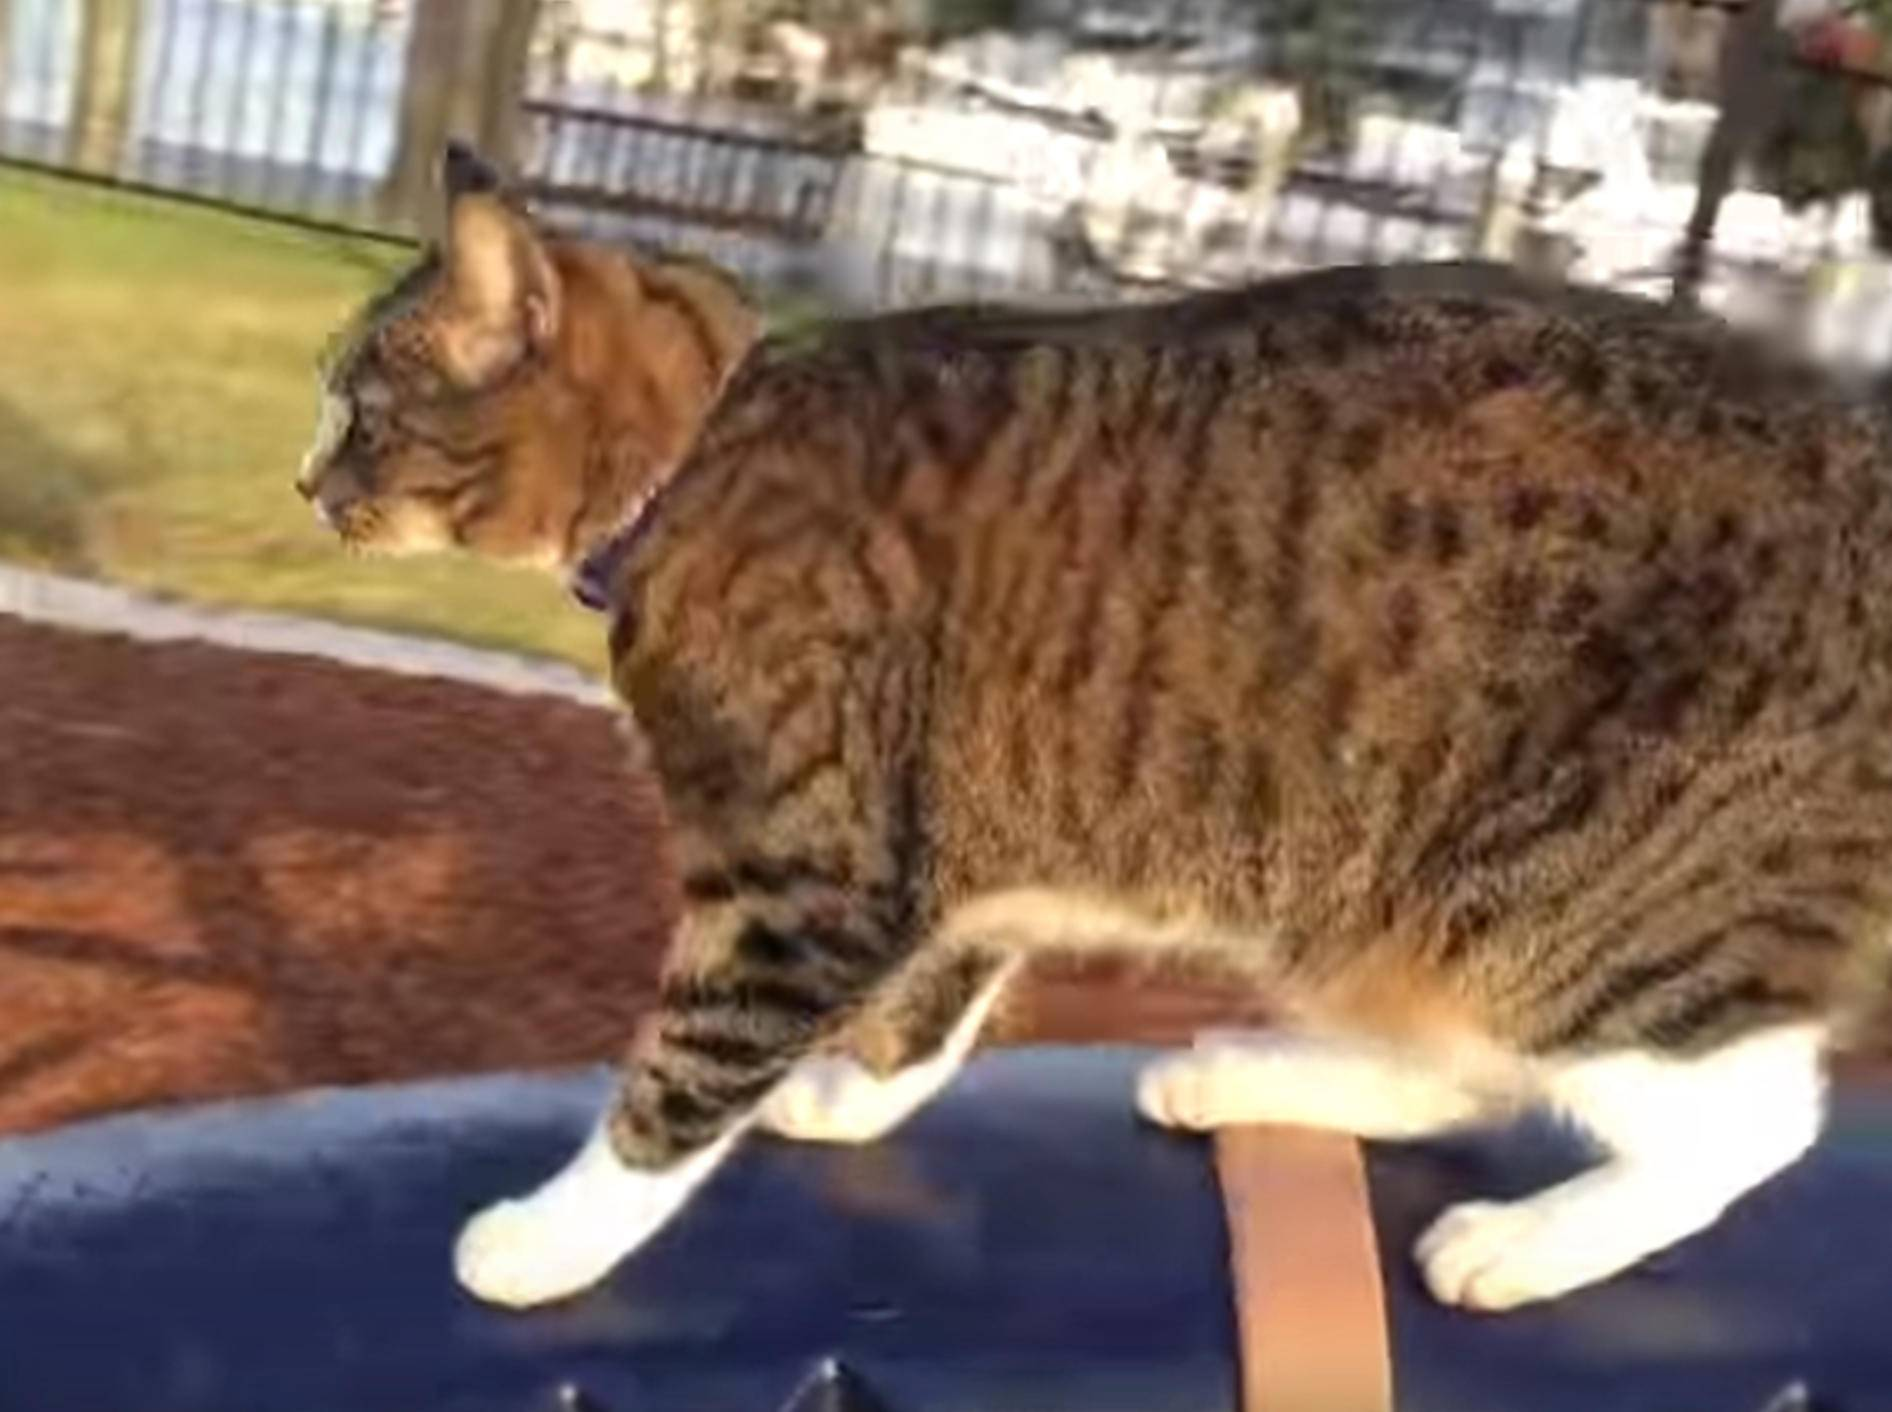 Schwindelfrei: Katze Digda fährt Karussell – Bild: YouTube / CATMANTOO